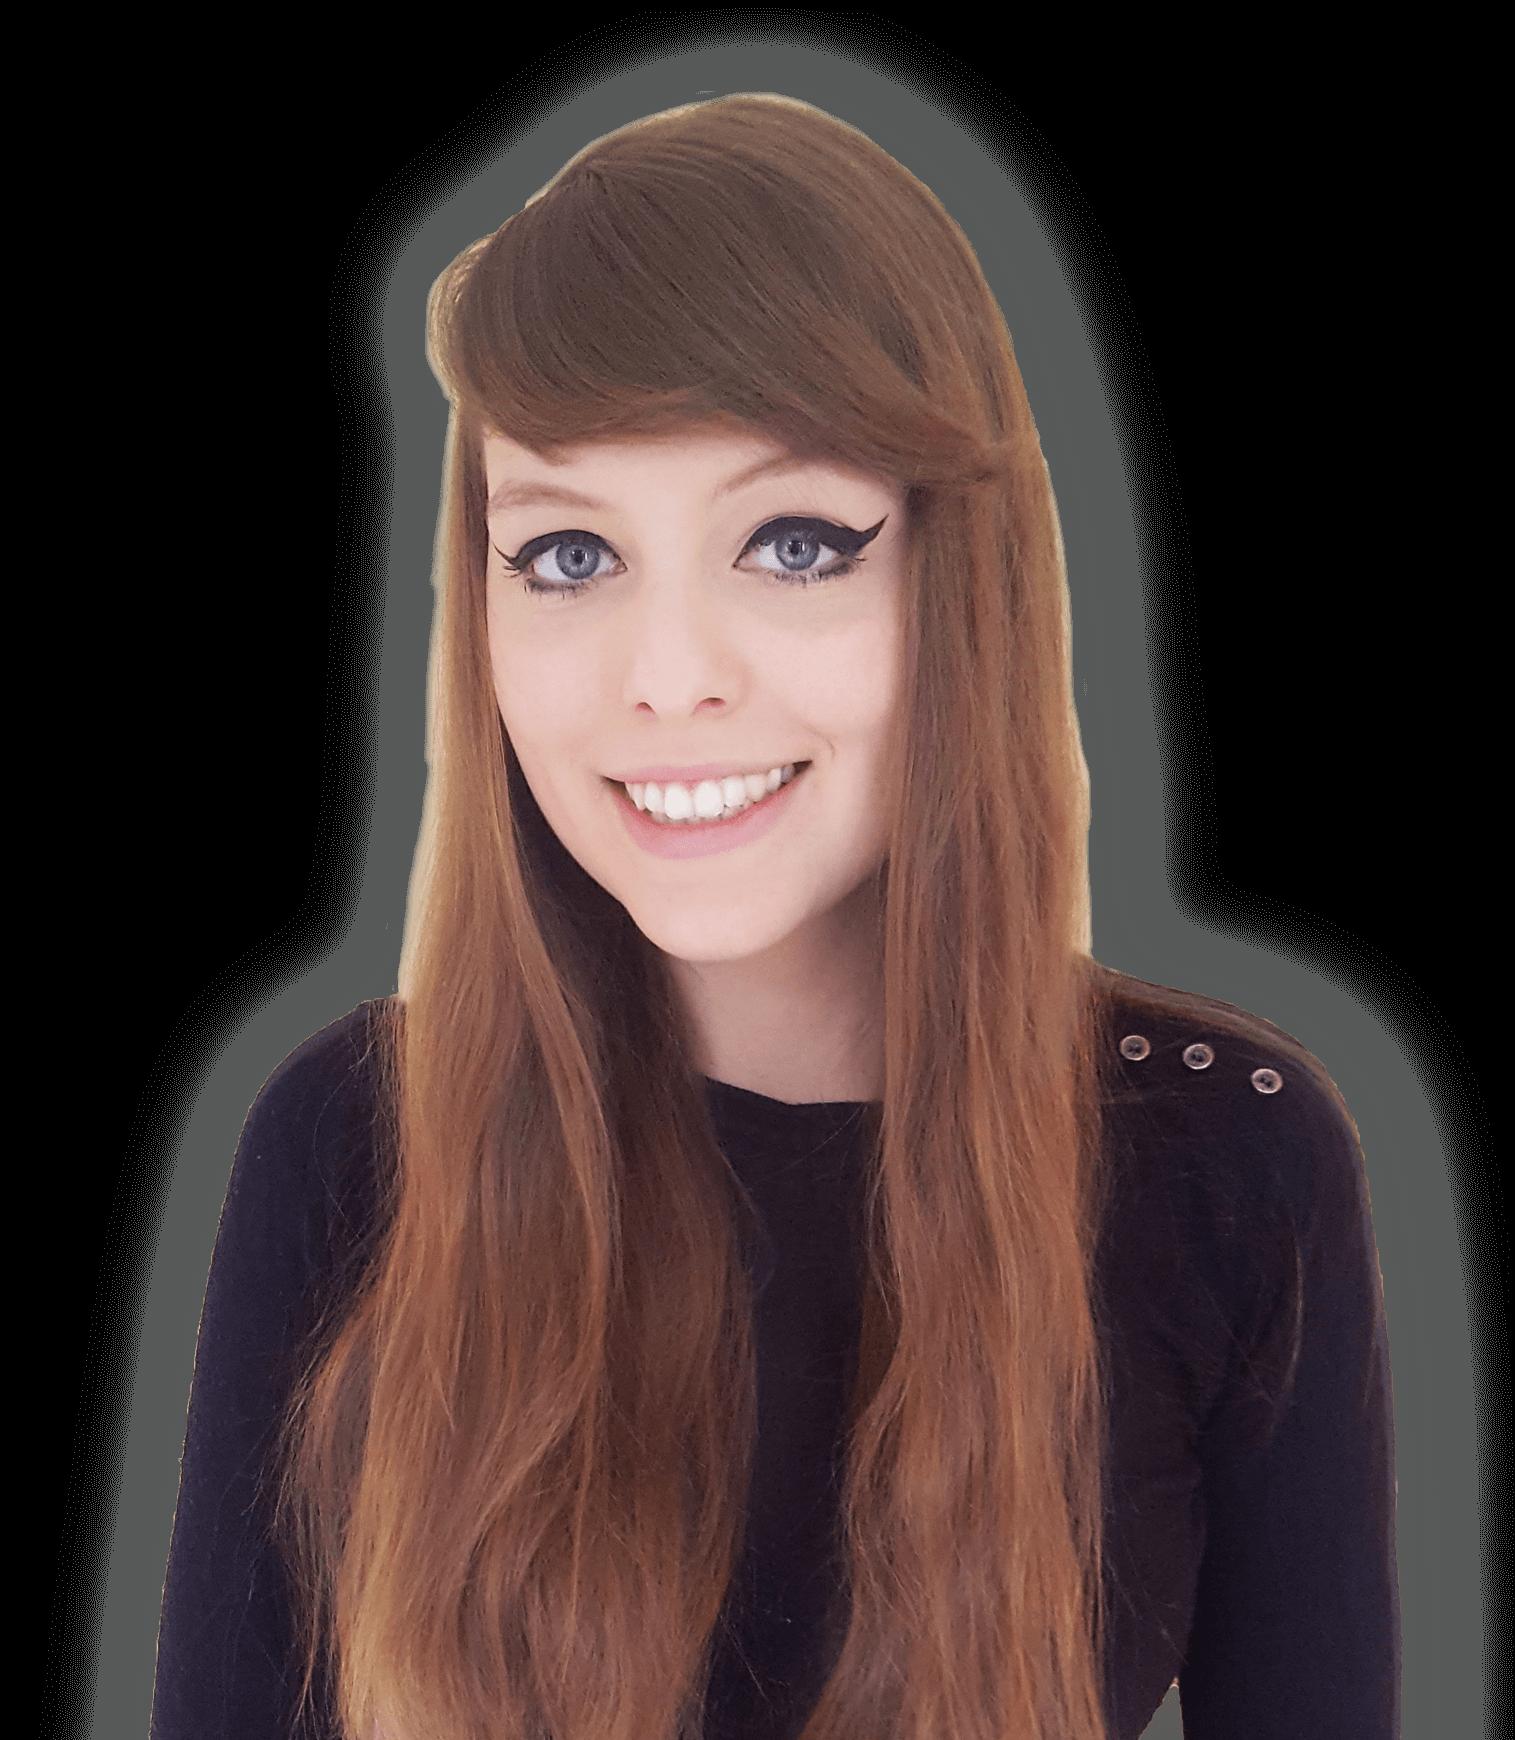 Adrianna Leszczyńska - Profile Image -MintSwift